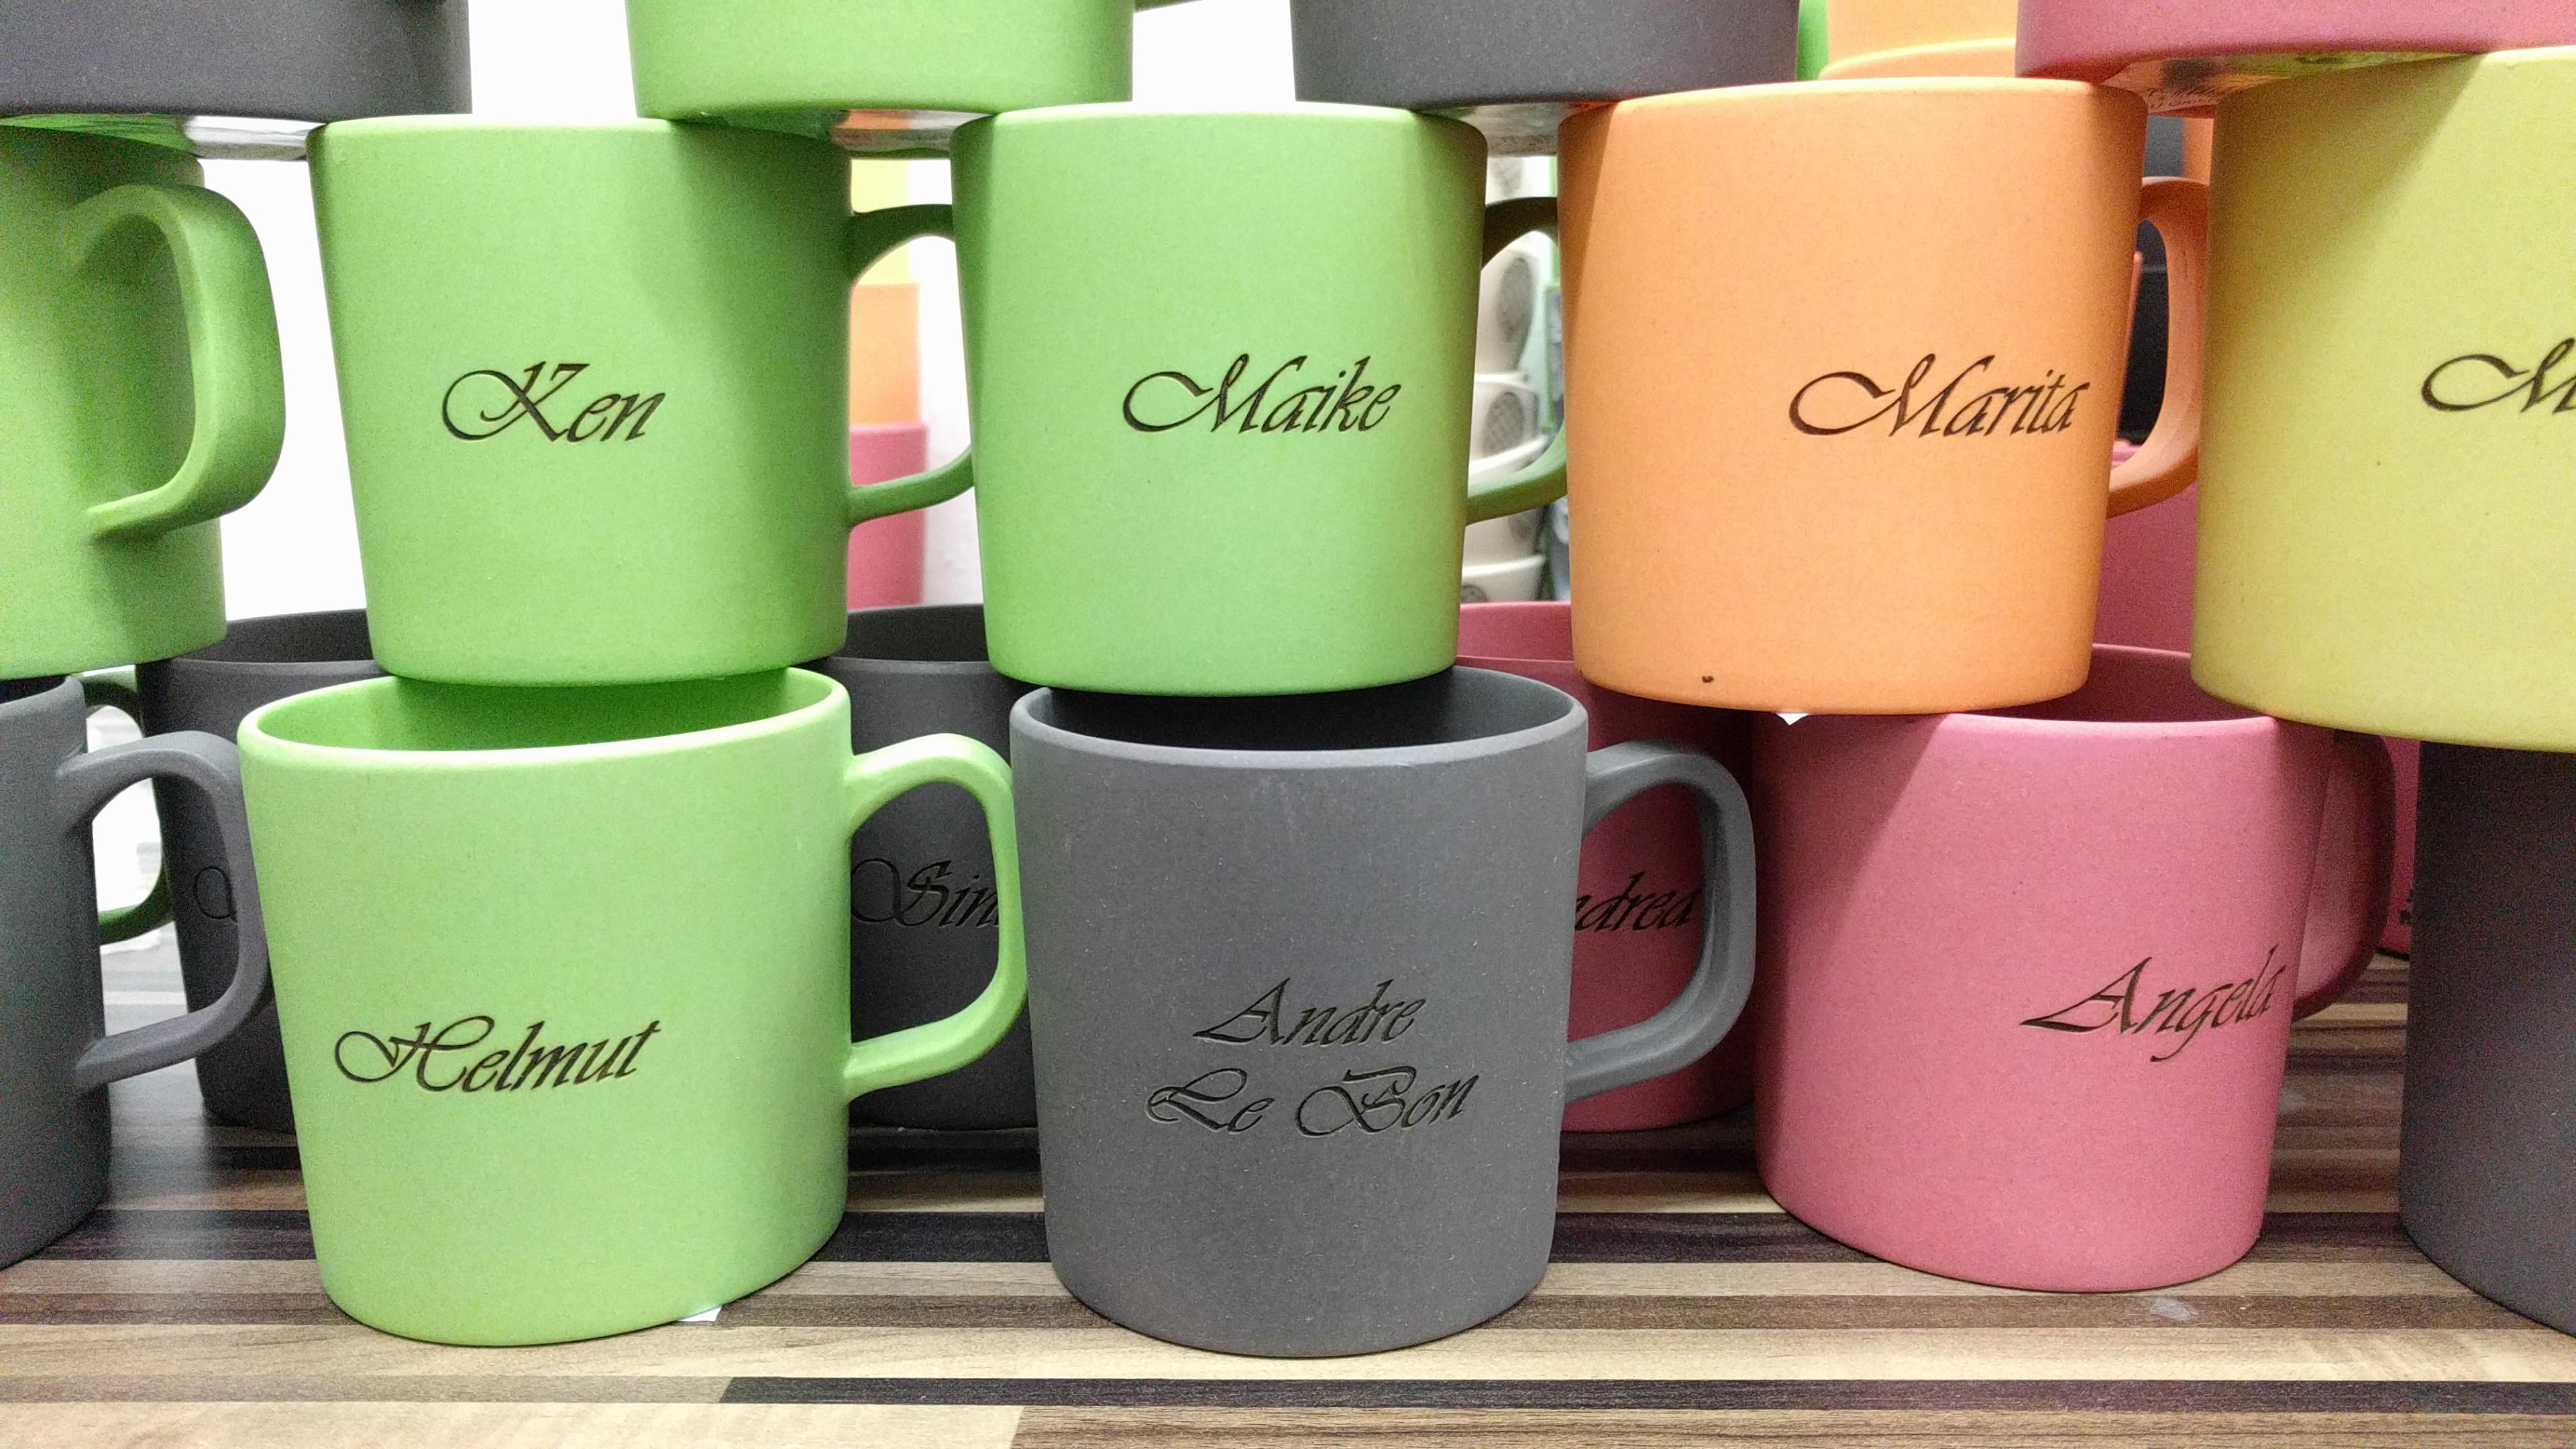 Weihnachtsgeschenke Für Mitarbeiter.Kostenloser Kaffee Aus Bambus Coffee To Go Bechern